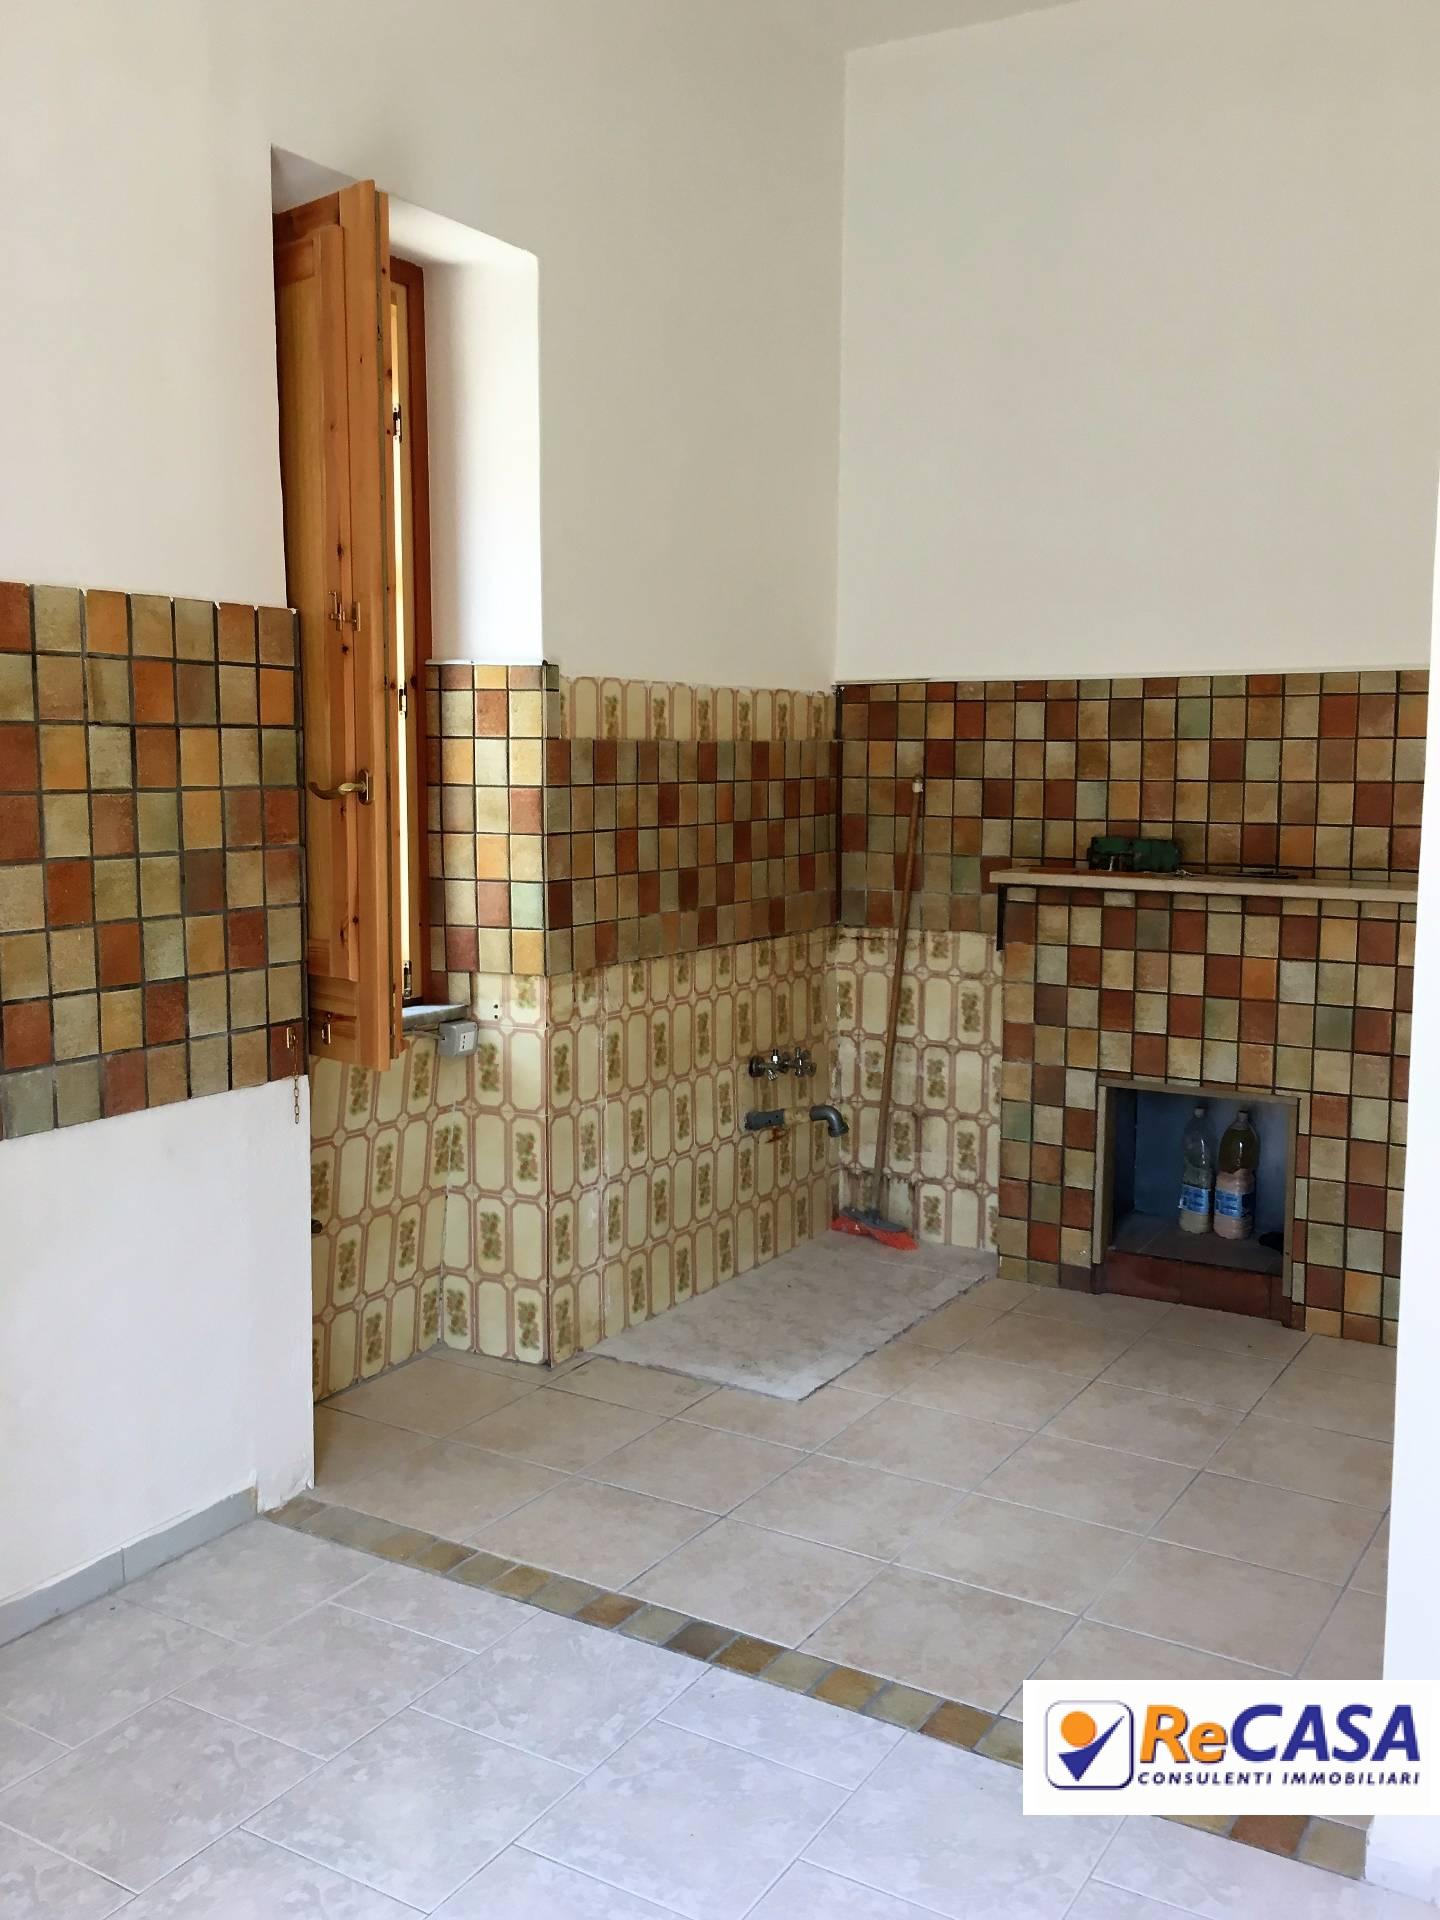 Appartamento in affitto a Montecorvino Rovella, 3 locali, zona Località: Centro, prezzo € 300 | CambioCasa.it